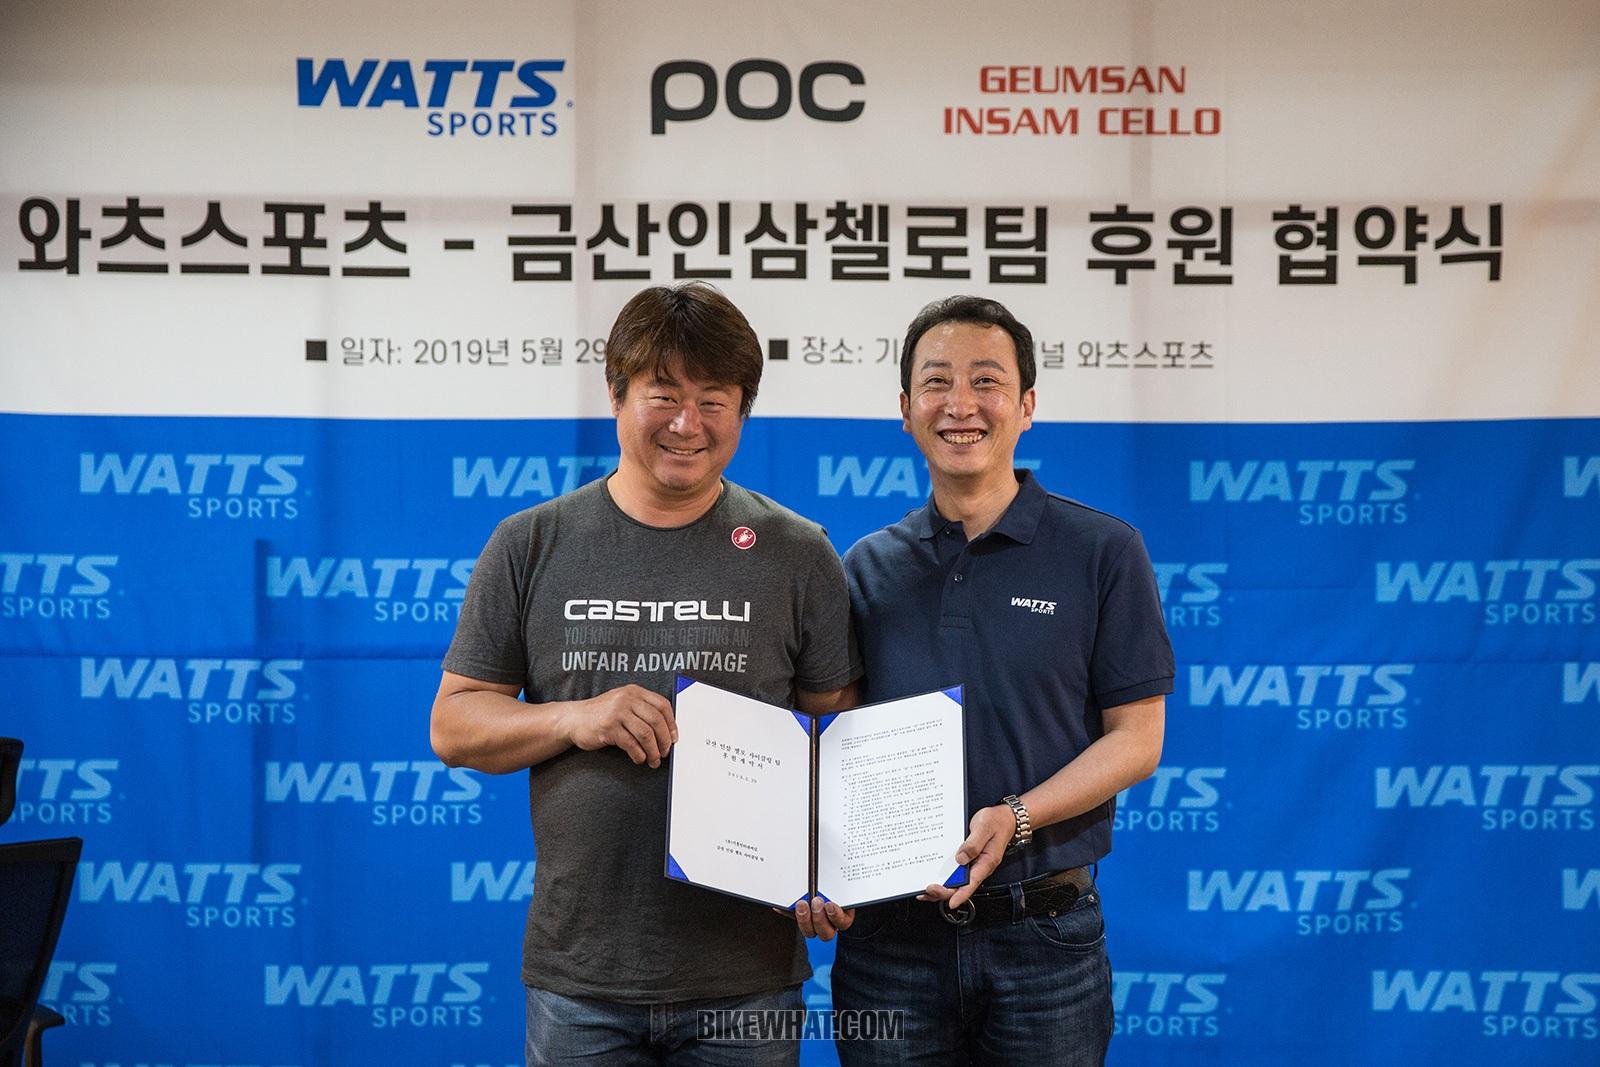 News_Watts_Geumsan_support_2.jpg